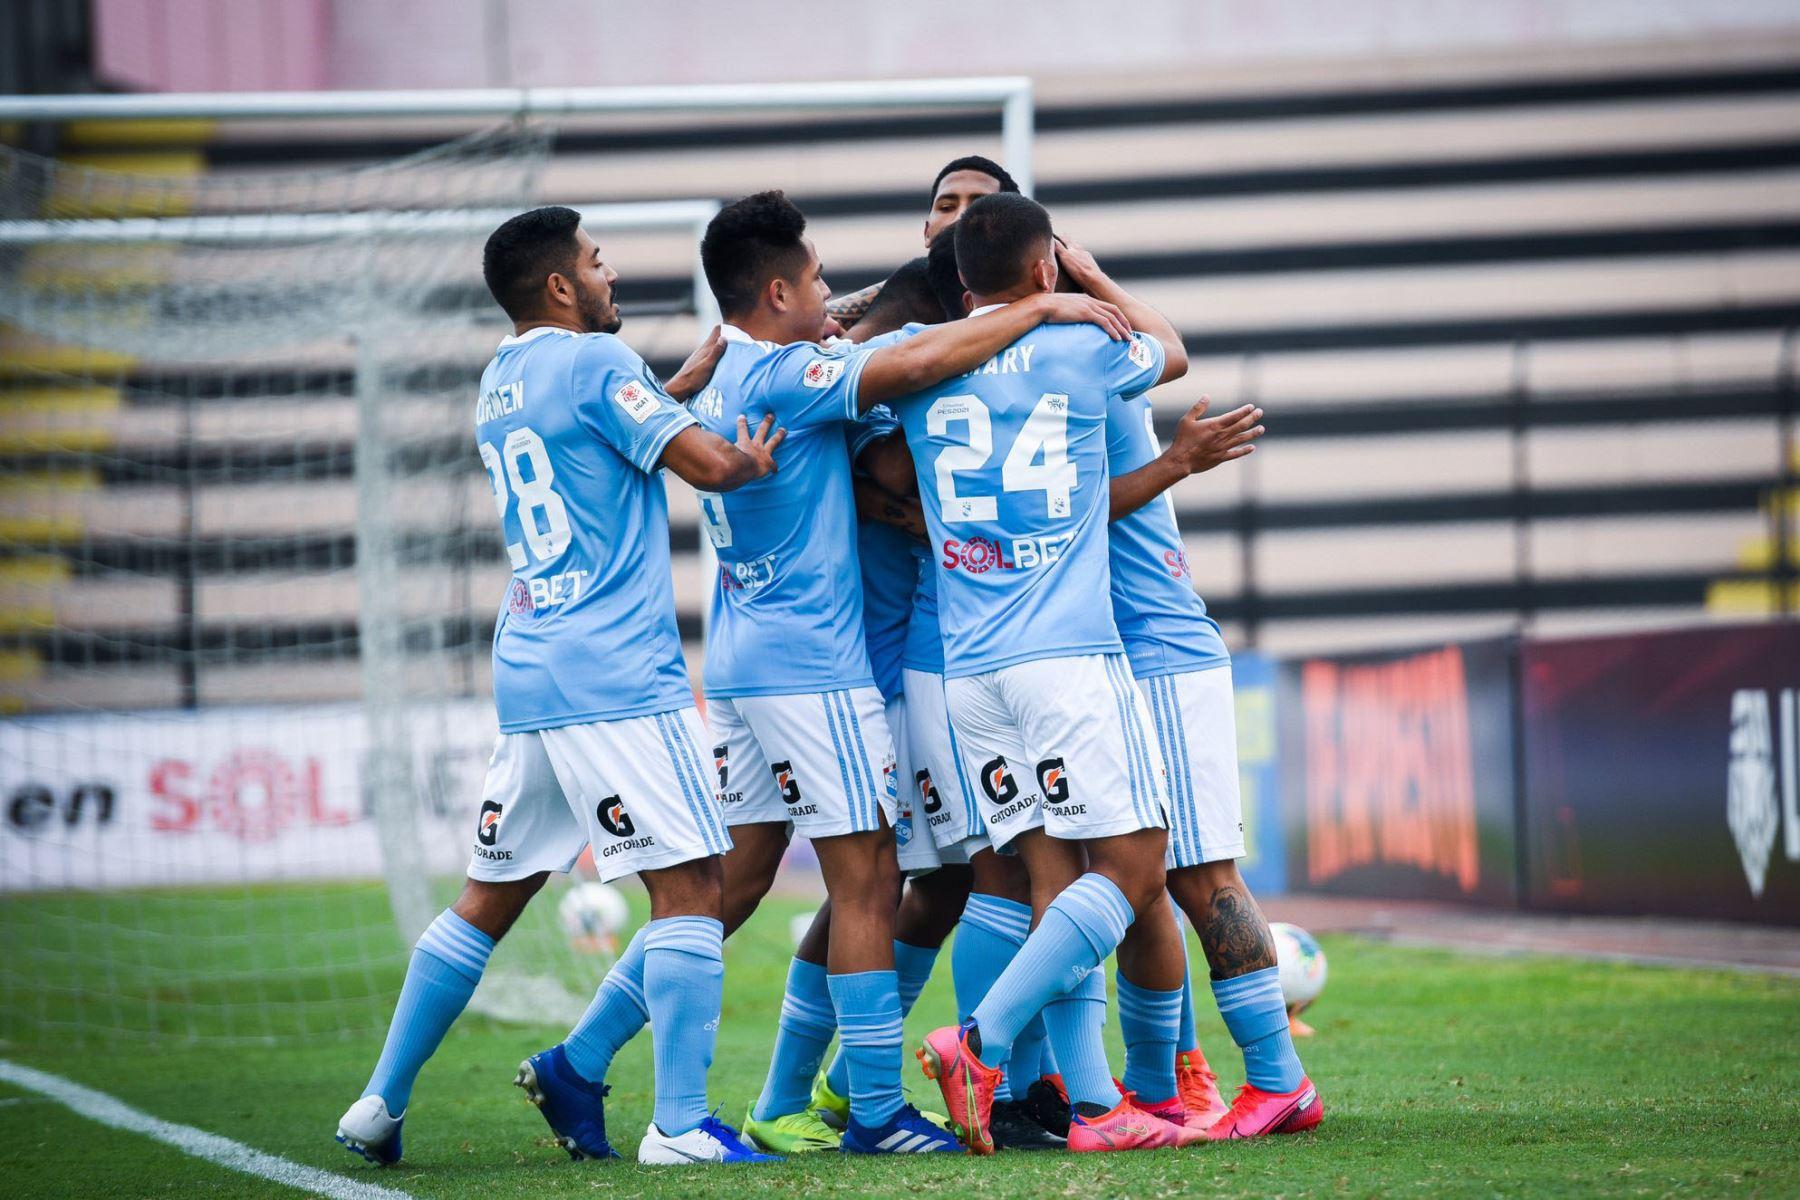 Alejandro Hohberg de Cristal celebra su gol ante el Cusco F.C  por la séptima  fecha de la fase 1, en el estadio Miguel Grau .  Foto:@ClubSCristal